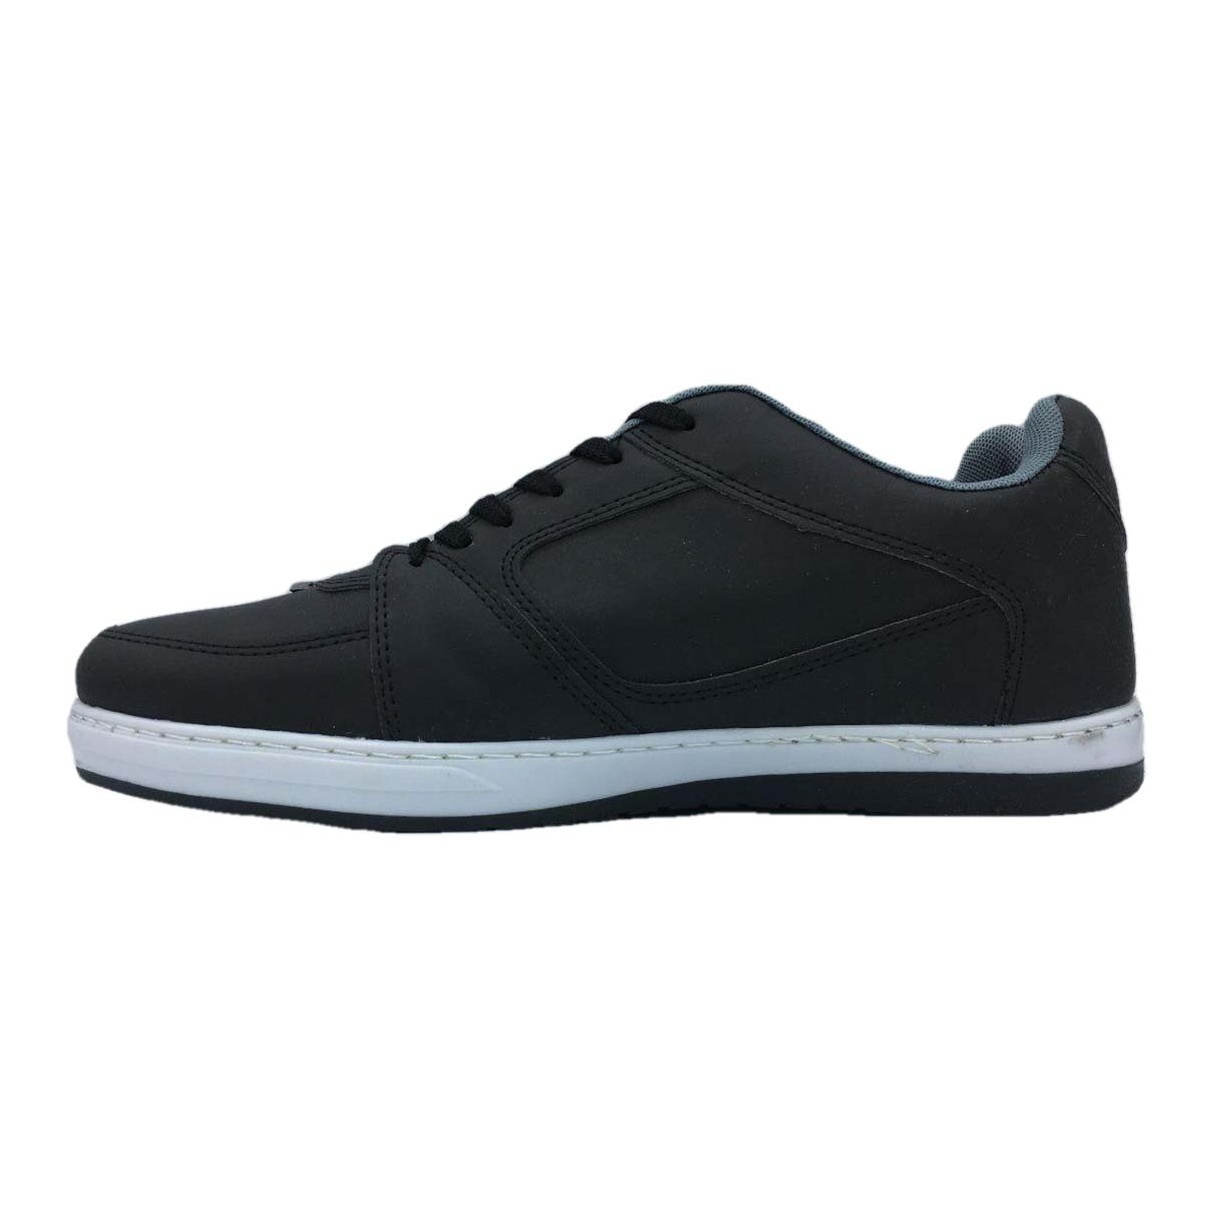 کفش روزمره مردانه پافیکس مدل کارا کد۰۸۰۱